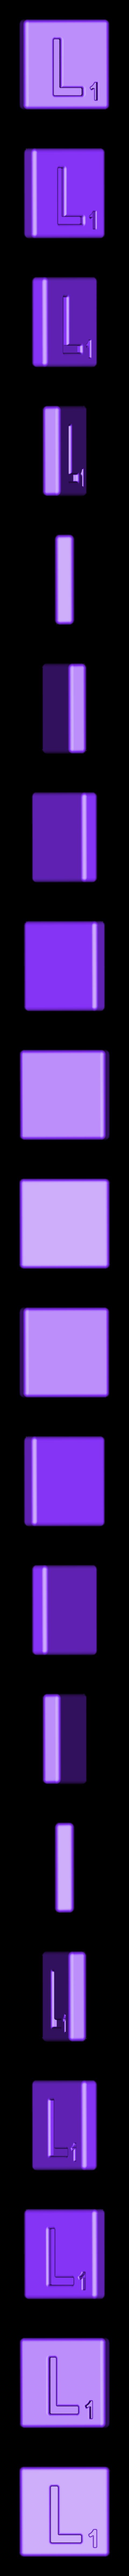 Single_Cut_L.STL Télécharger fichier STL gratuit Pièces et support SCRABBBLE • Design pour imprimante 3D, Balkhagal4D